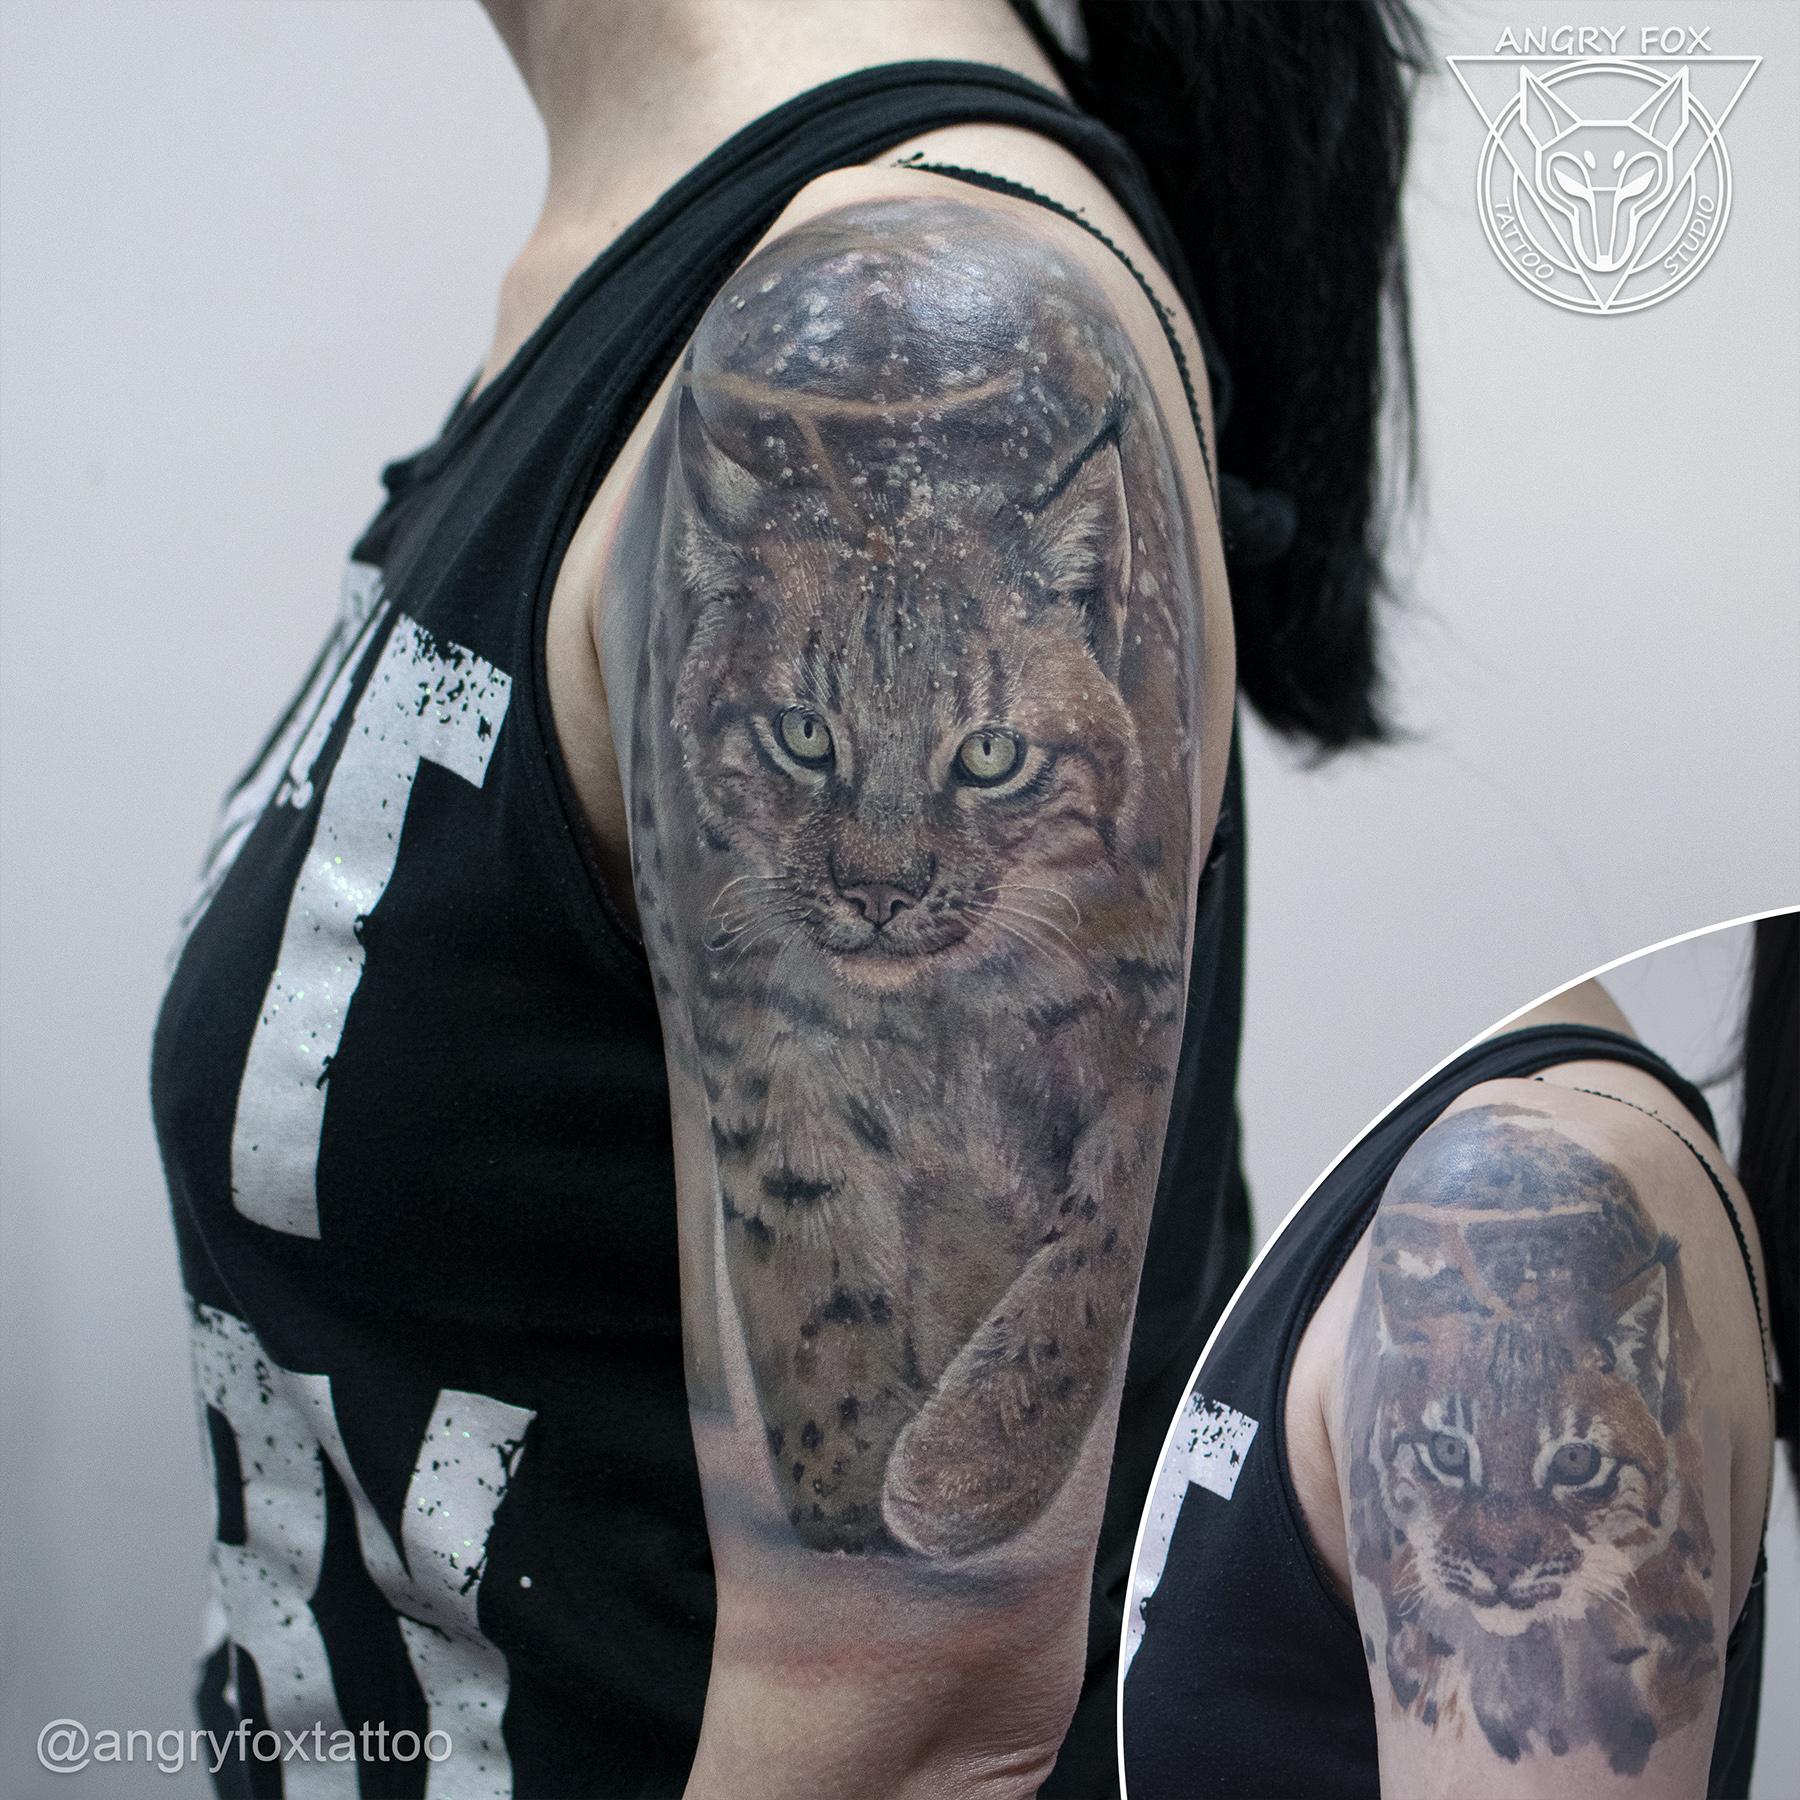 тату, татуировка, плечо, рысь, перекрытие, снег, зима, глаза, животные, дикая, кошка, снежинки, фото, взгляд, хищник, после, реализм, реалистичная